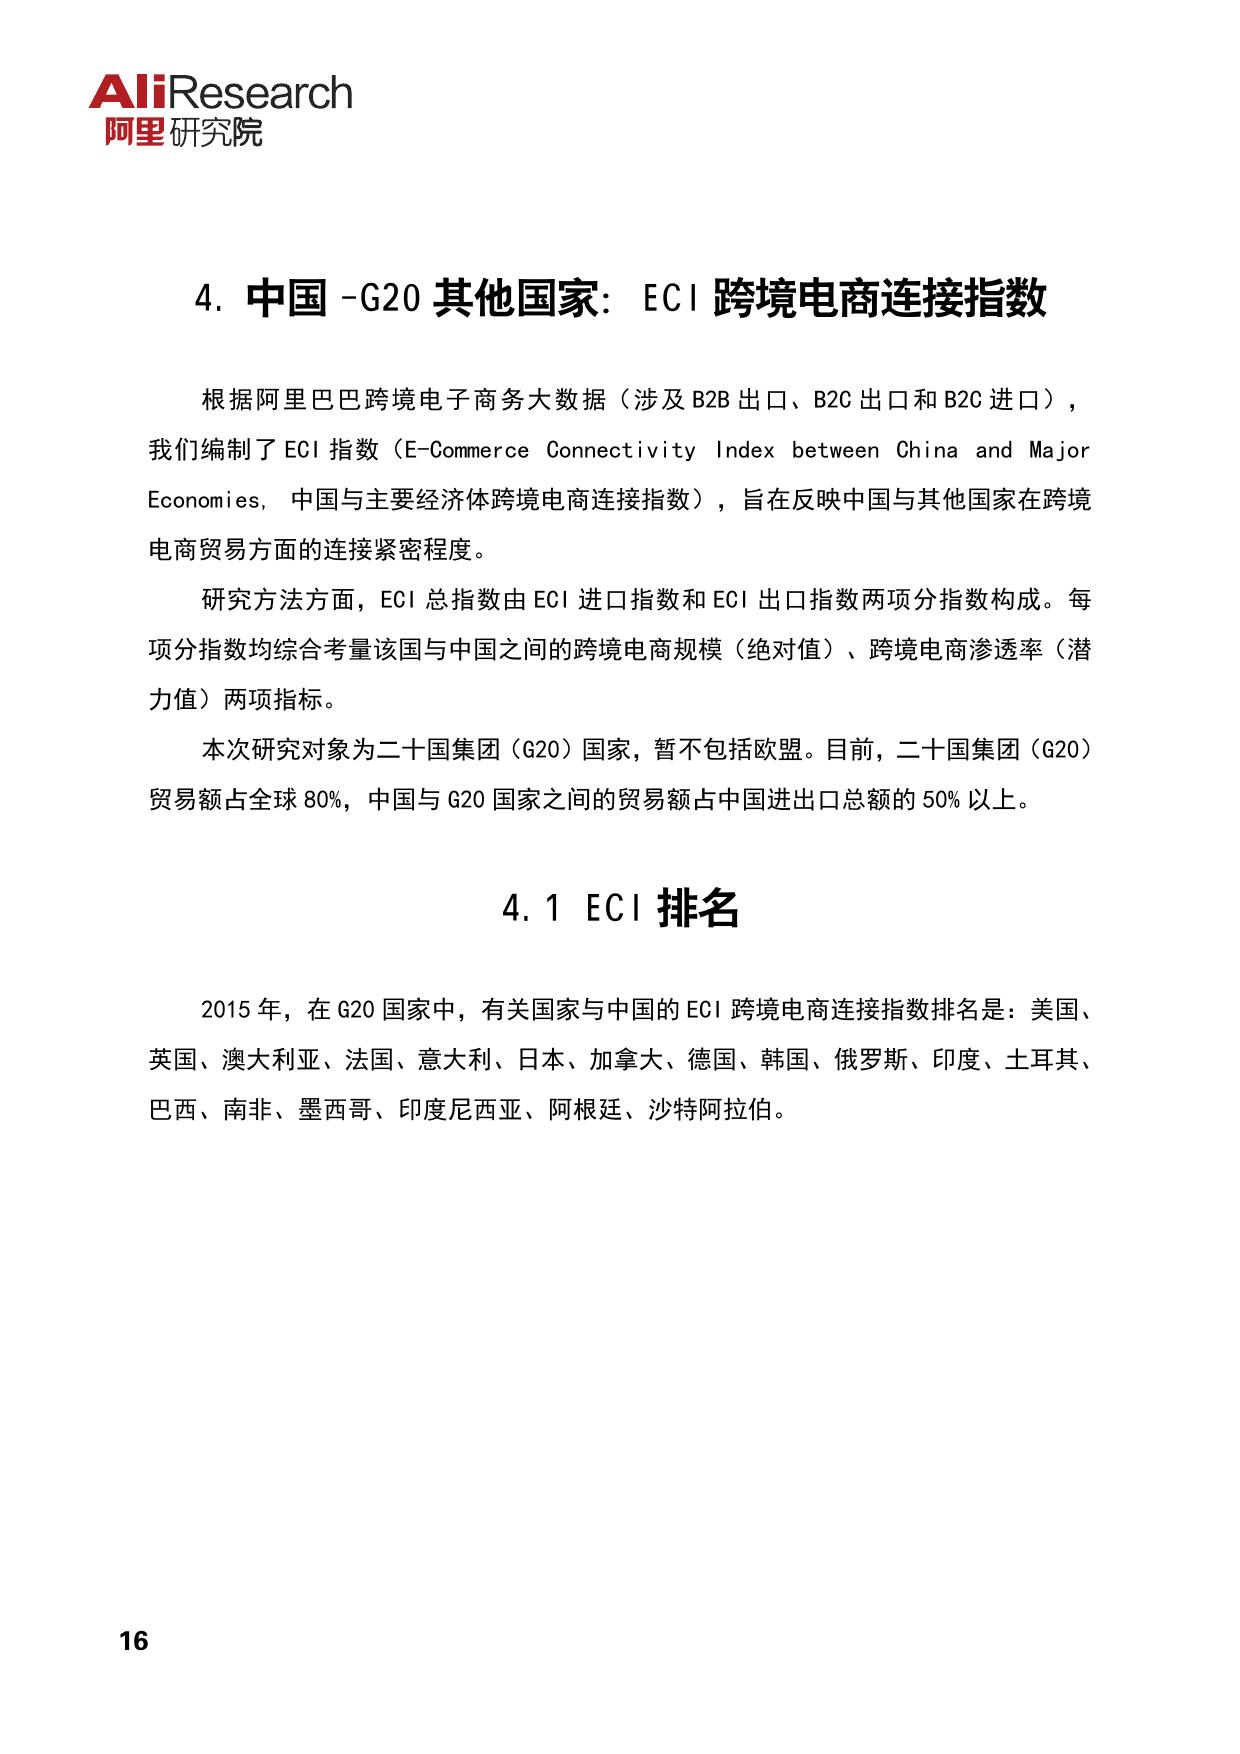 2016中国跨境电商发展报告_000020